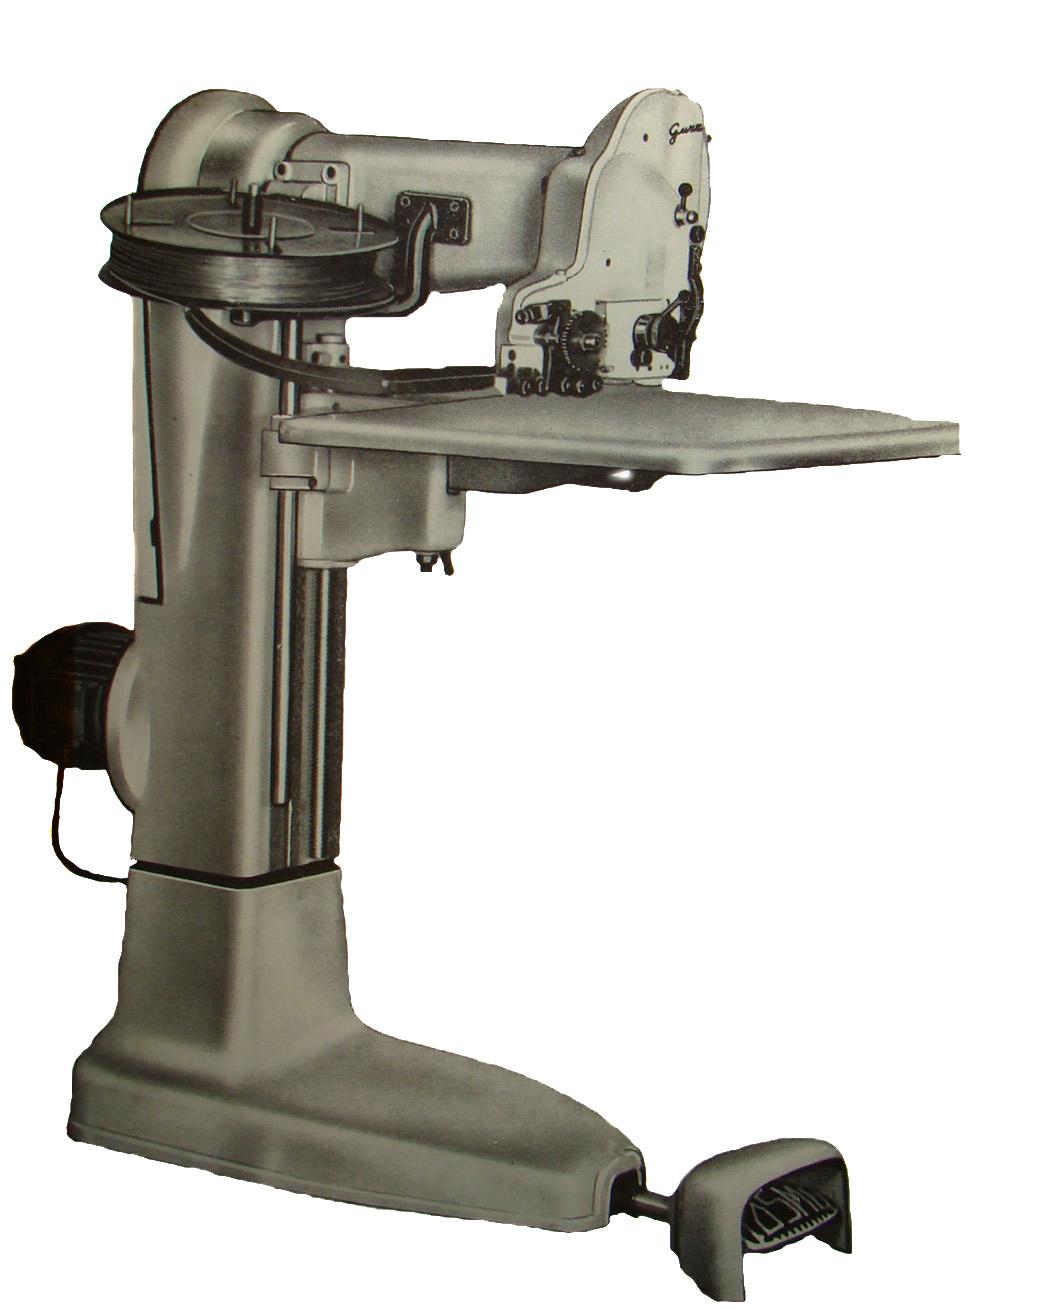 Corali M23 оборудование для производства деревянной тары из шпона